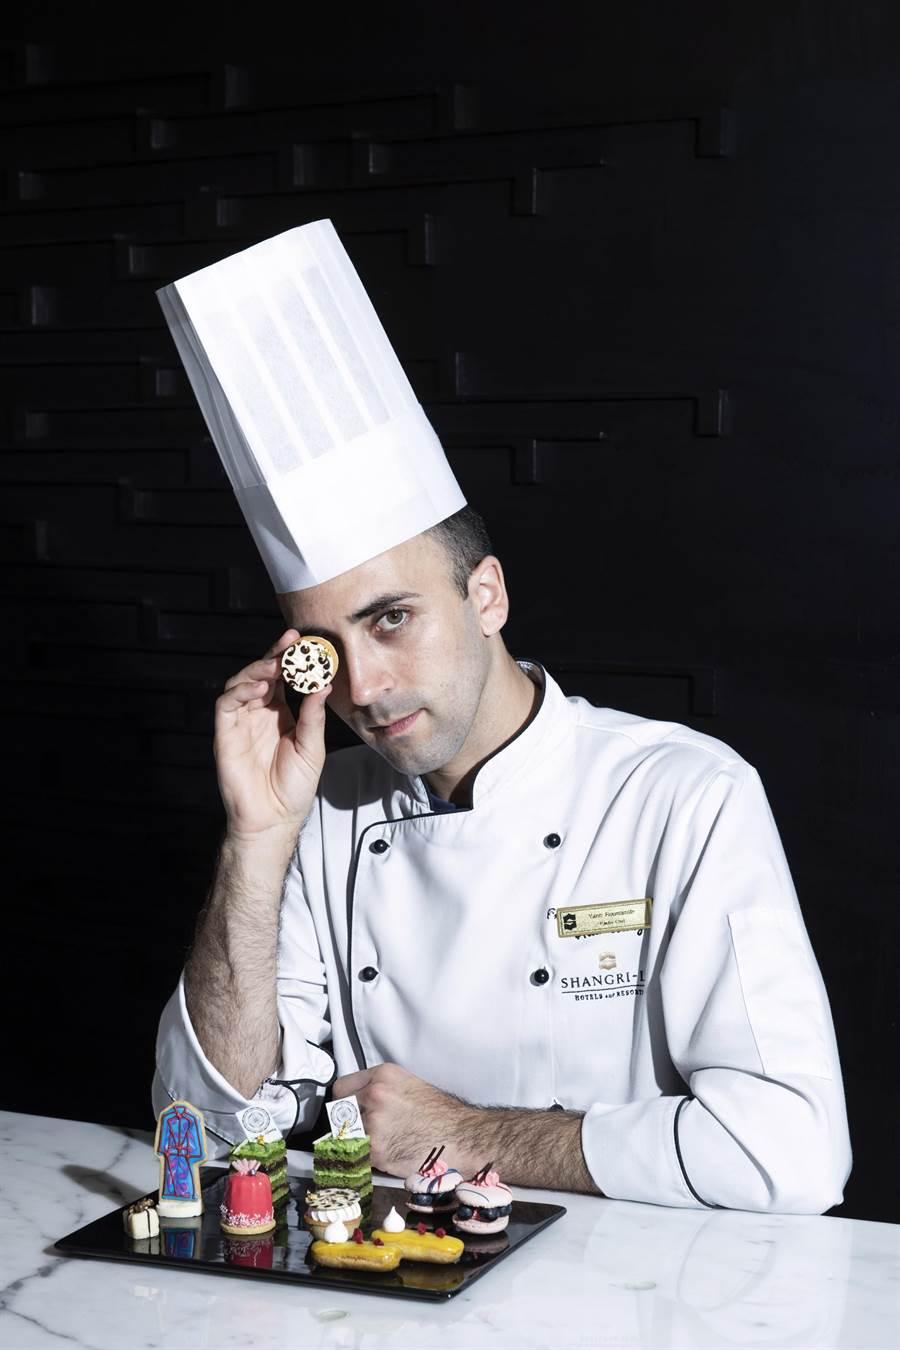 香格里拉台北遠東國際大飯店法籍甜點主廚Yann Roumanille,以巧思創意與精湛廚技演繹吸睛聯名下午茶。(圖/台北遠東國際大飯店)